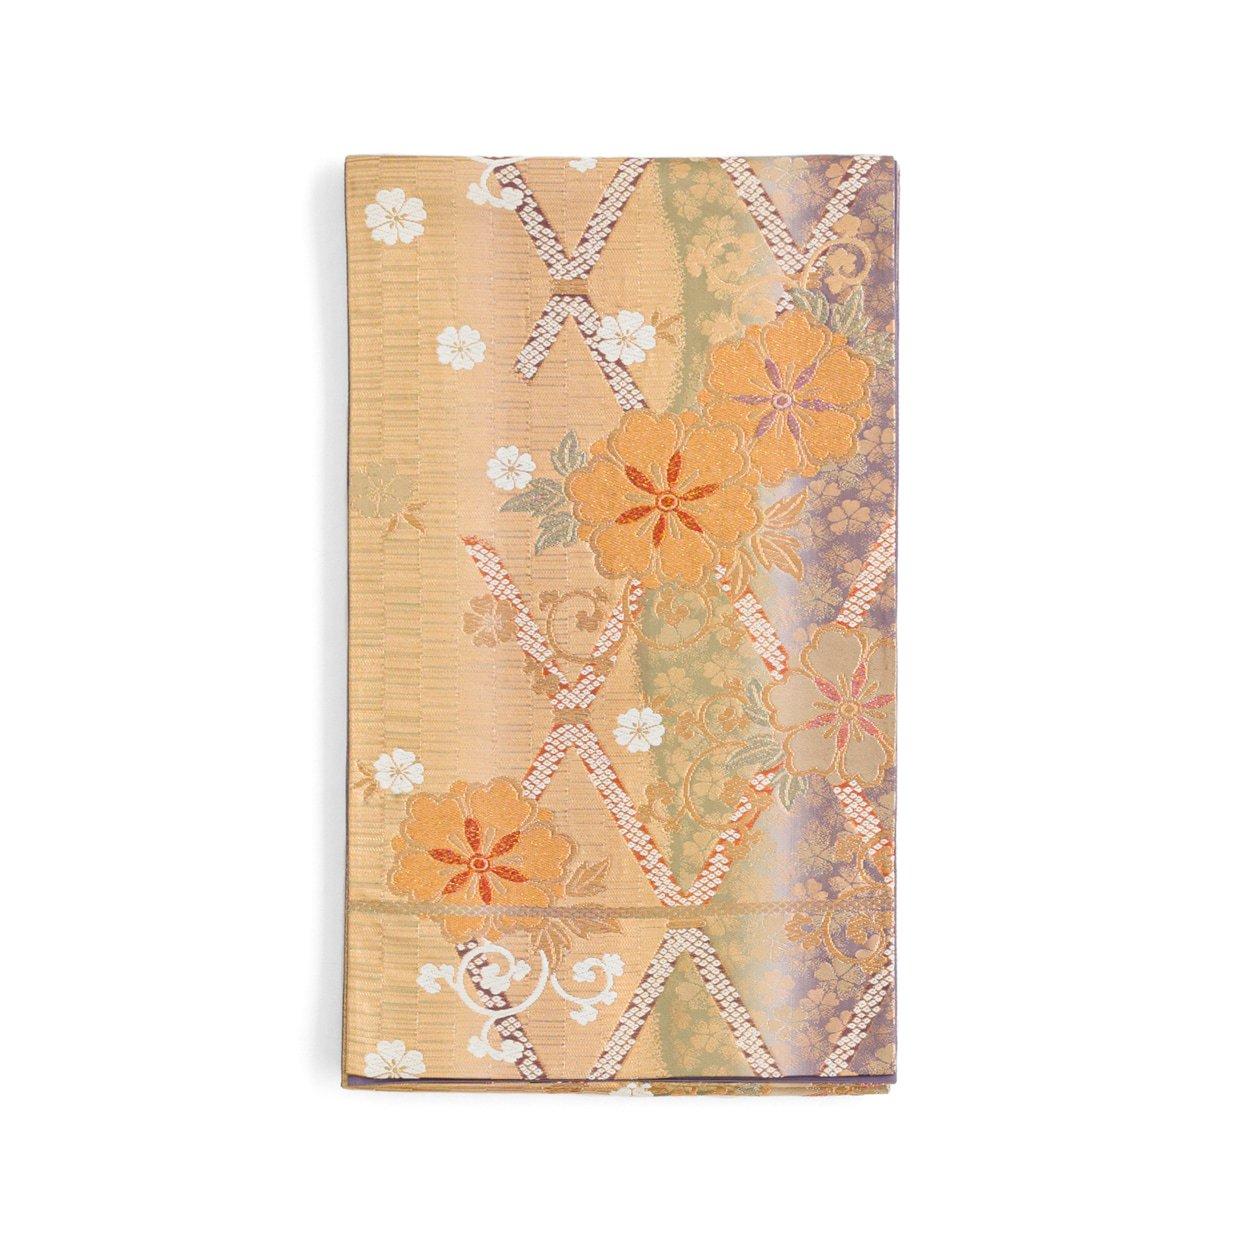 「袋帯●格子桜」の商品画像